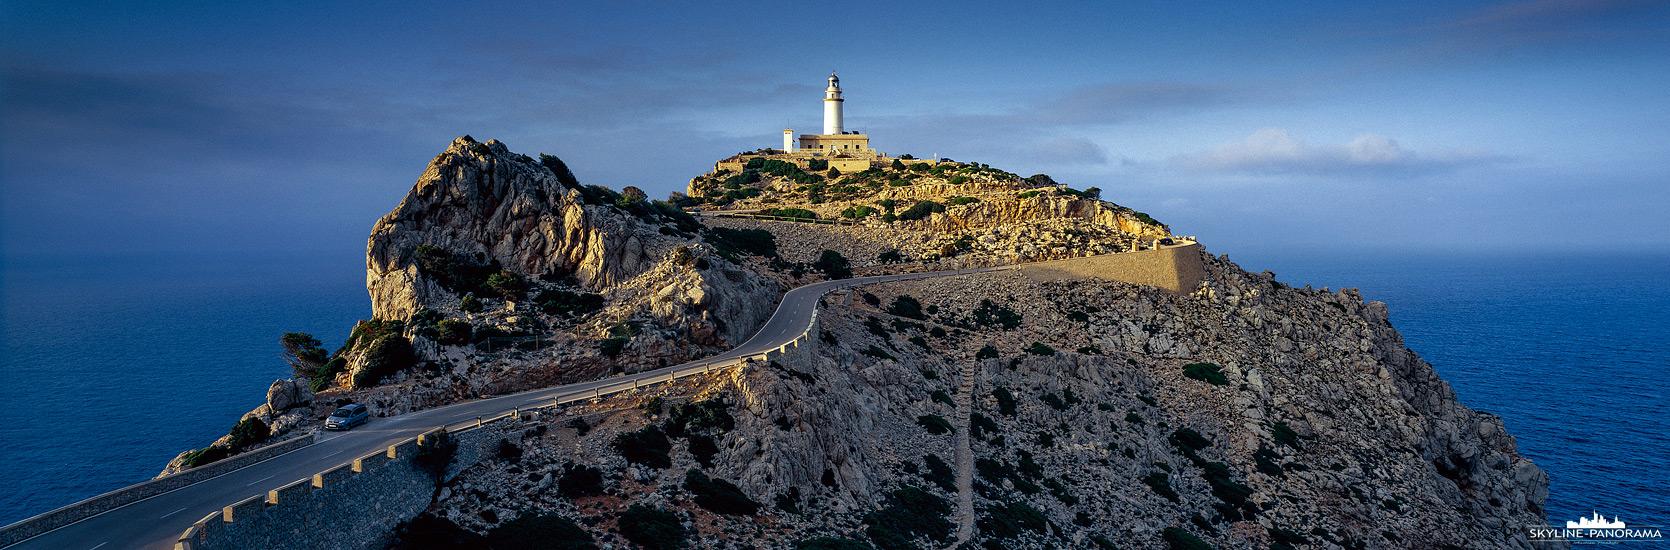 Bilder aus Mallorca - Der Leuchtturm am Cap de Formentor ist eines der bekanntesten Landmarken der Insel Mallorca, bereits beim Anflug mit dem Flugzeug kann man die Felsspitze mit dem beeindruckenden Seezeichen erkennen. Das Cap de Formentor liegt im Nordwesten der Ferieninsel, am nördlichen Ende der Serra de Tramuntana und ist durch eine gut ausgebaute Zufahrtsstraße sicher mit dem Auto erreichbar. Hier zu sehen ist der Leuchtturm als 6x17 Panorama im letzten Licht der untergehenden Sonne.